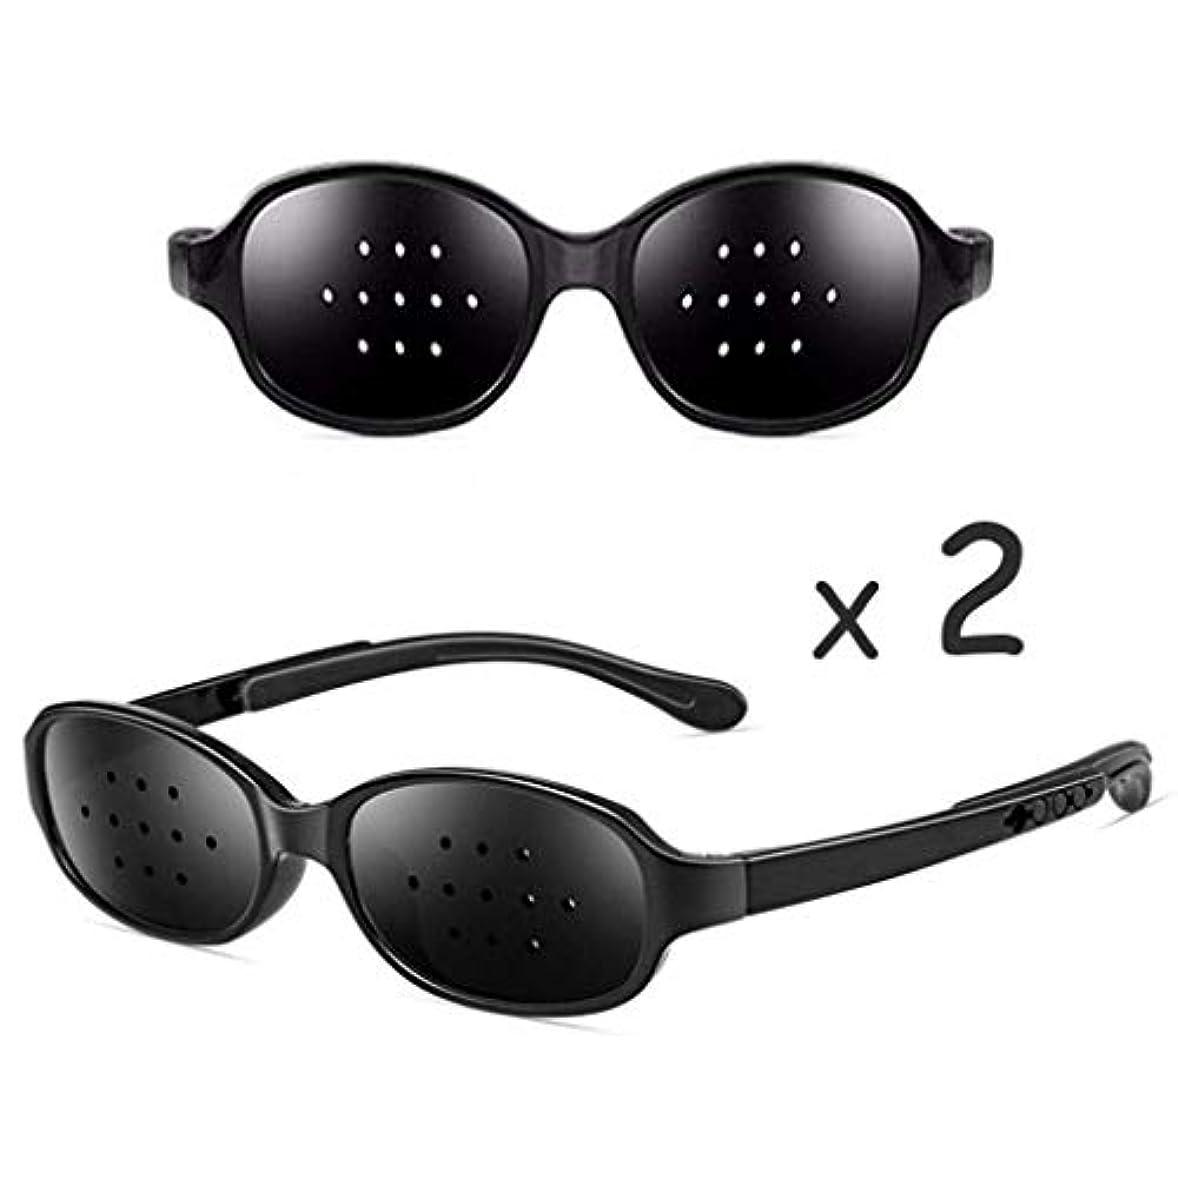 ストラップまばたき機動ピンホールメガネ、視力矯正メガネ網状視力保護メガネ耐疲労性メガネ近視の防止メガネの改善 (Color : ピンク)